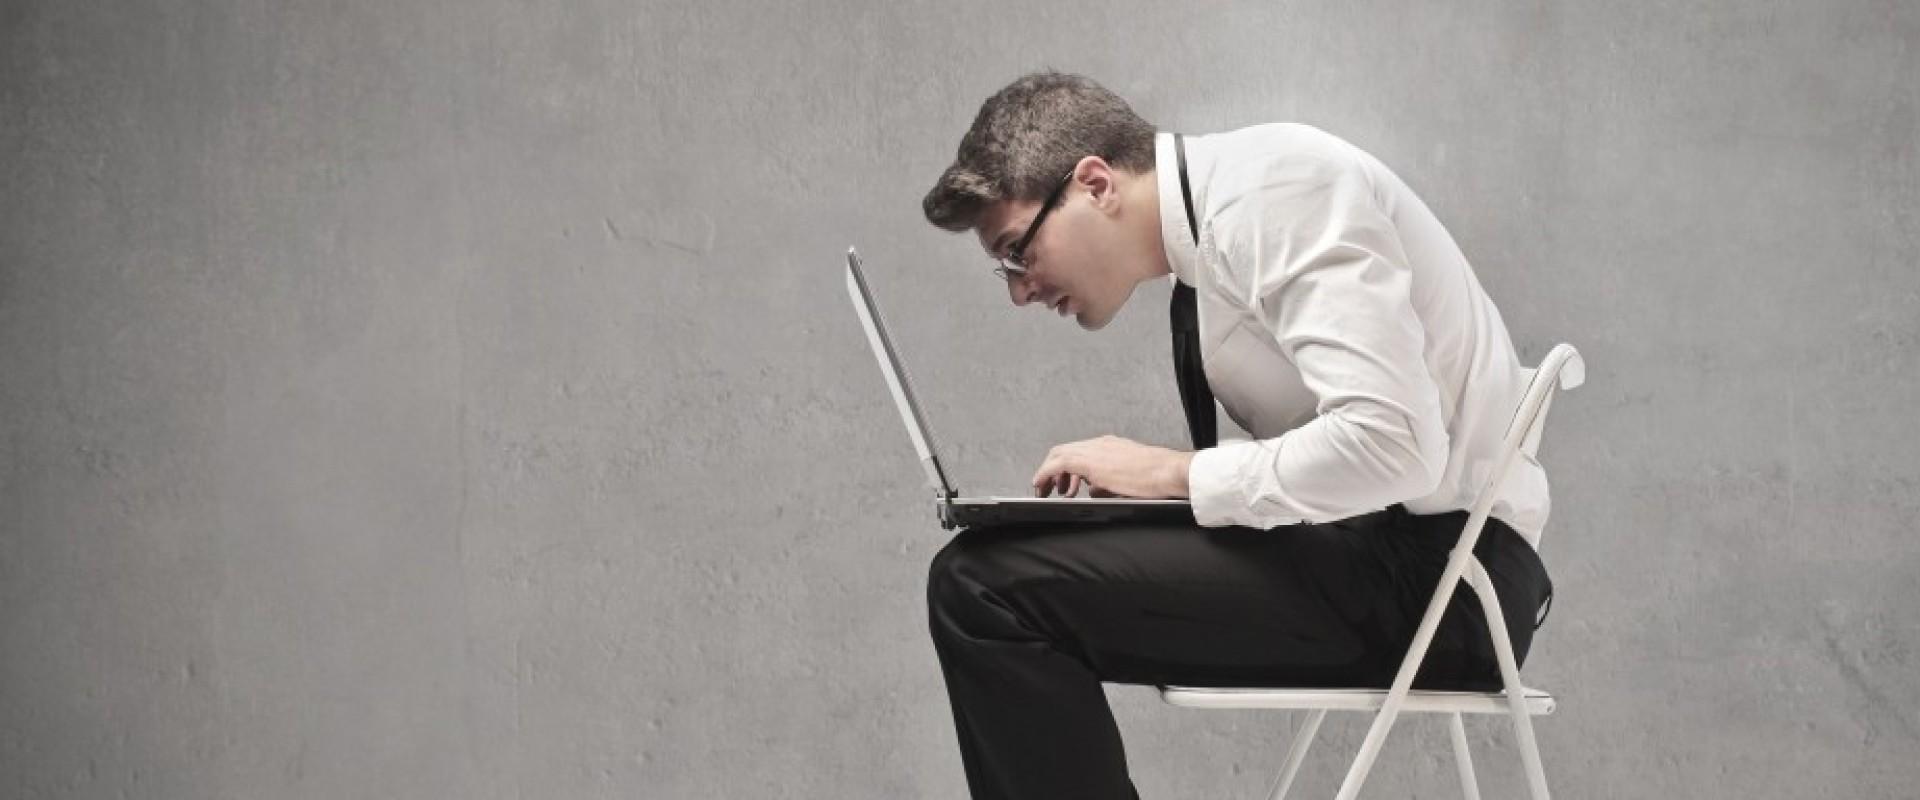 Goede Zithouding Tijdens Het Werk? 5 Essentiële Tips!